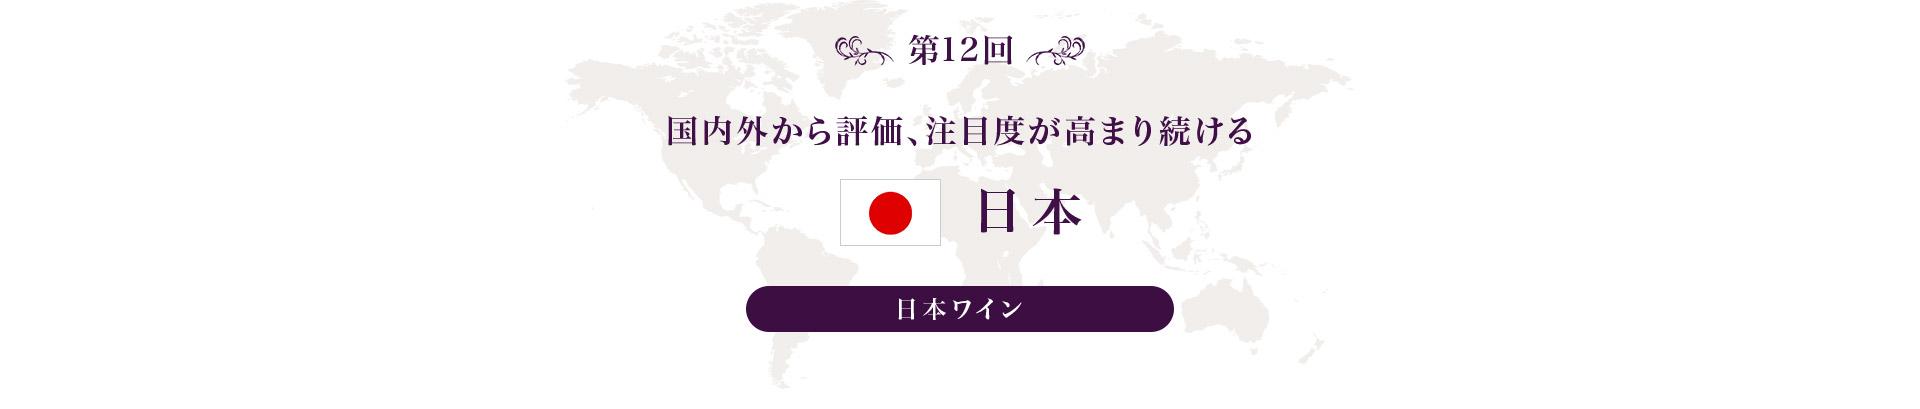 第12回 国内外から評価、注目度が高まり続ける 日本 日本ワイン